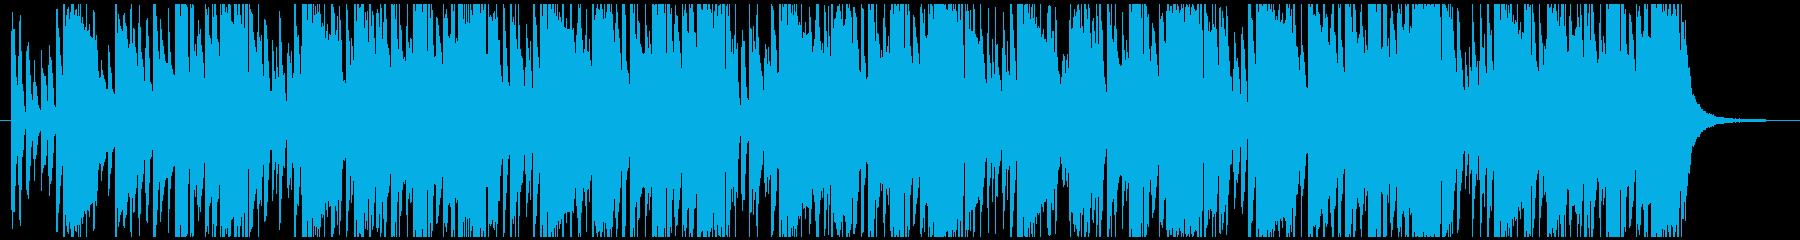 ピアノ主体のチルアウト、クール、R&Bの再生済みの波形